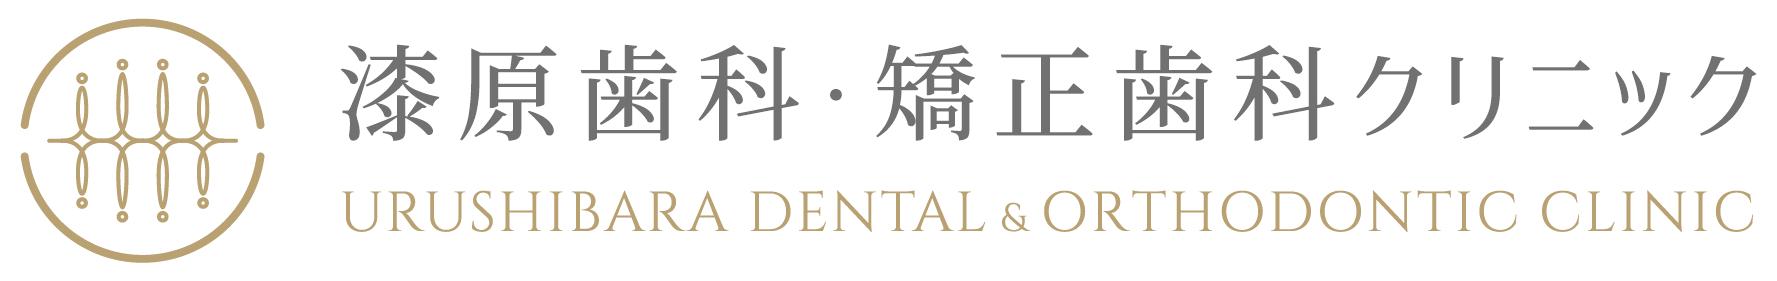 漆原歯科・矯正歯科クリニック